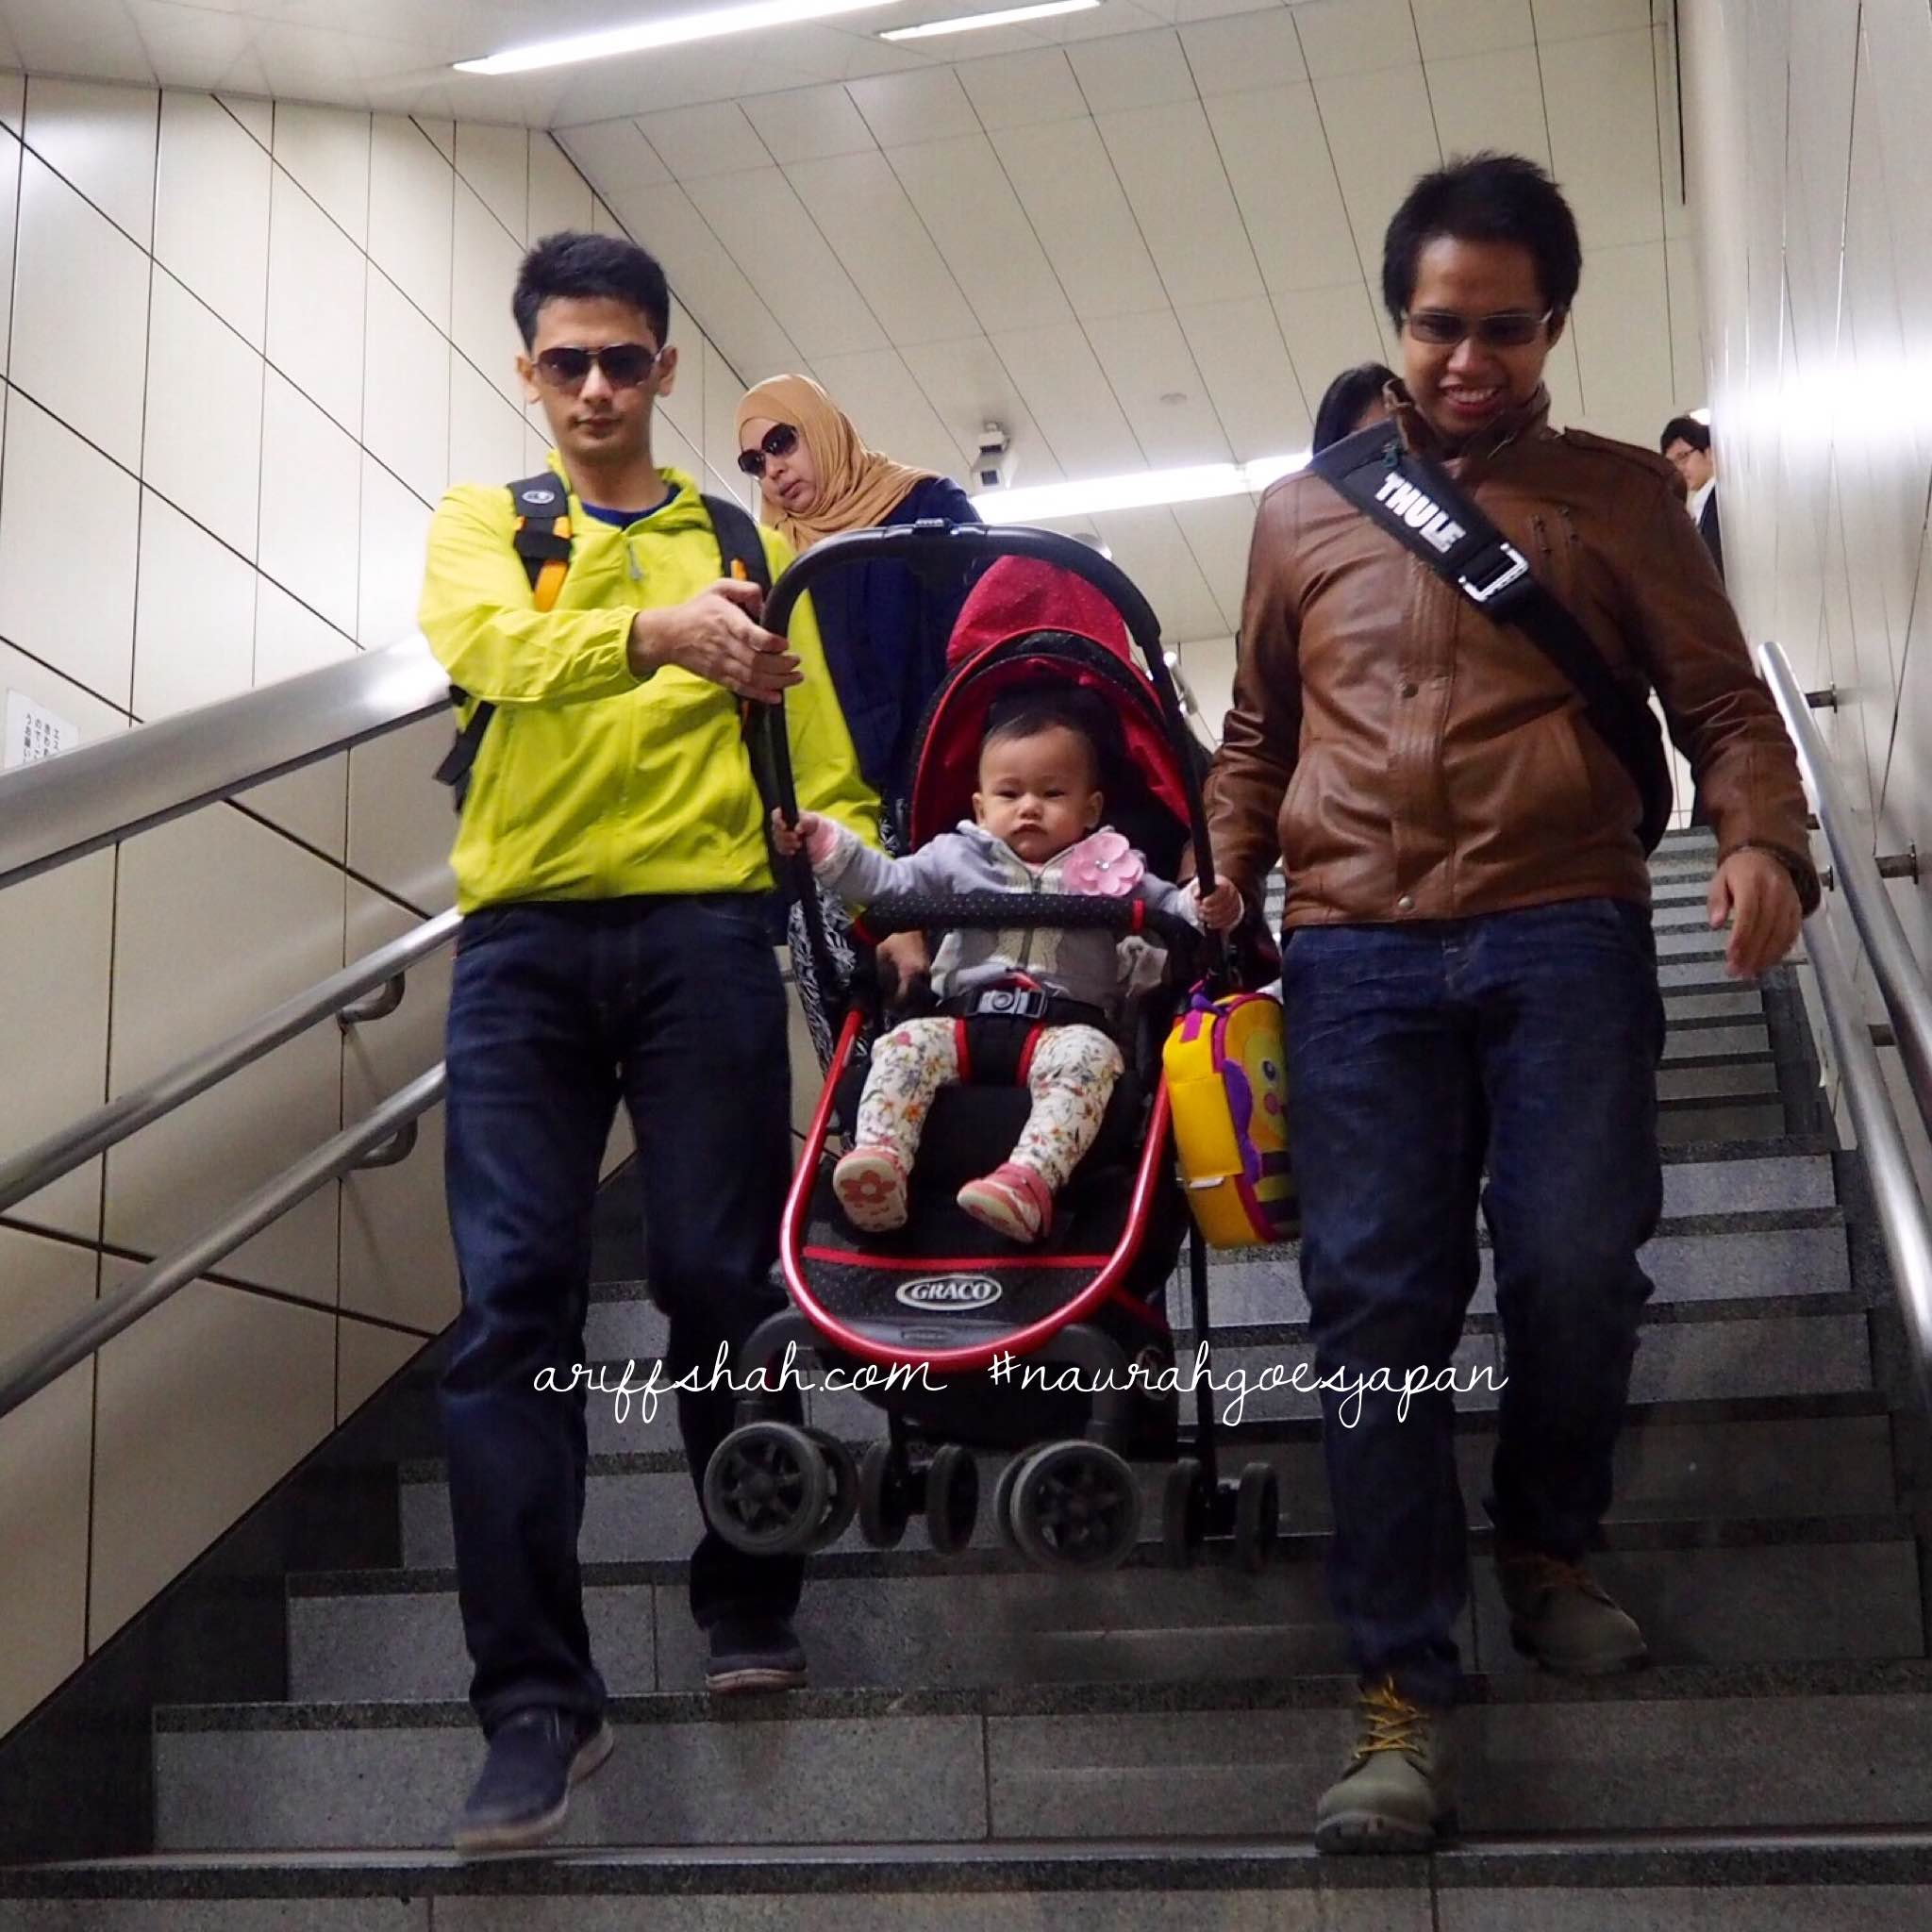 ariff shah travel naurah-4